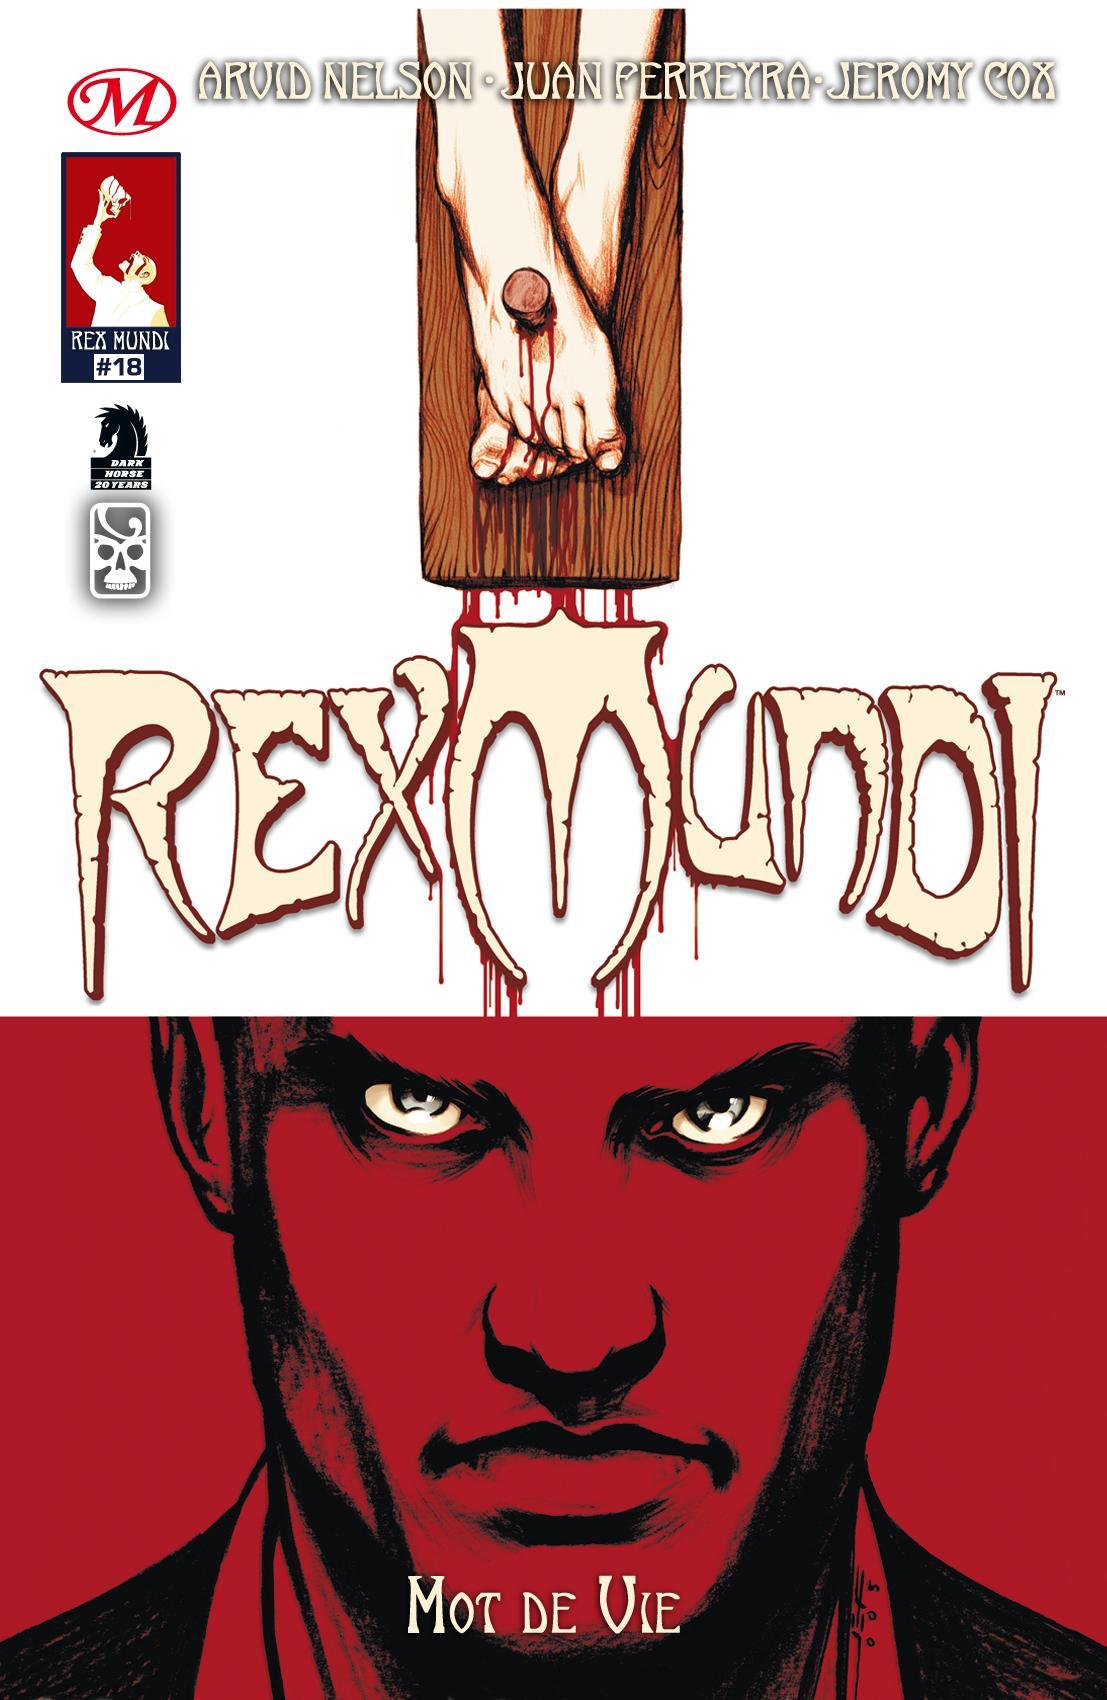 Rex Mundi #18, REX MUNDI, T3